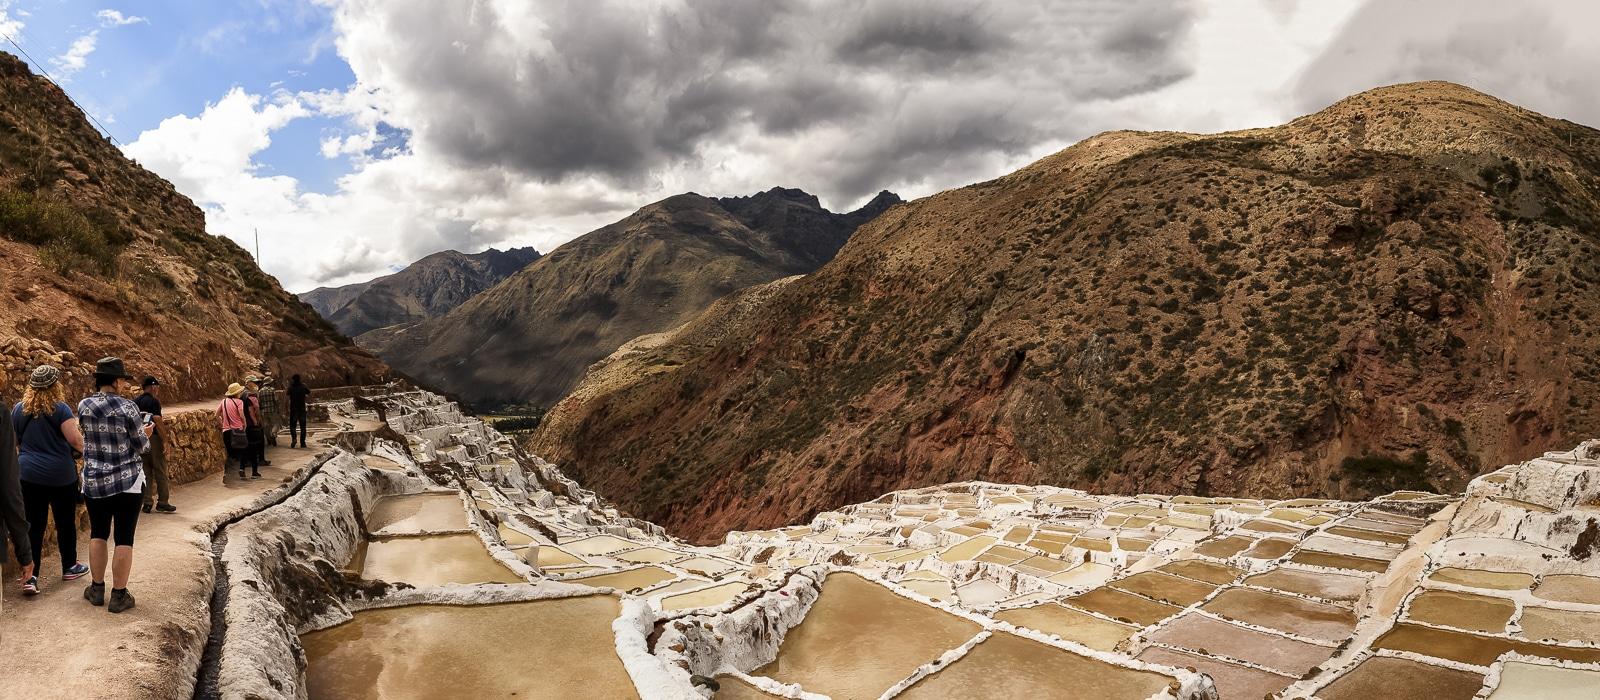 Maras, Pérou - Voyage organisé en petit groupe offert par l'agence de voyage Les routes du Monde